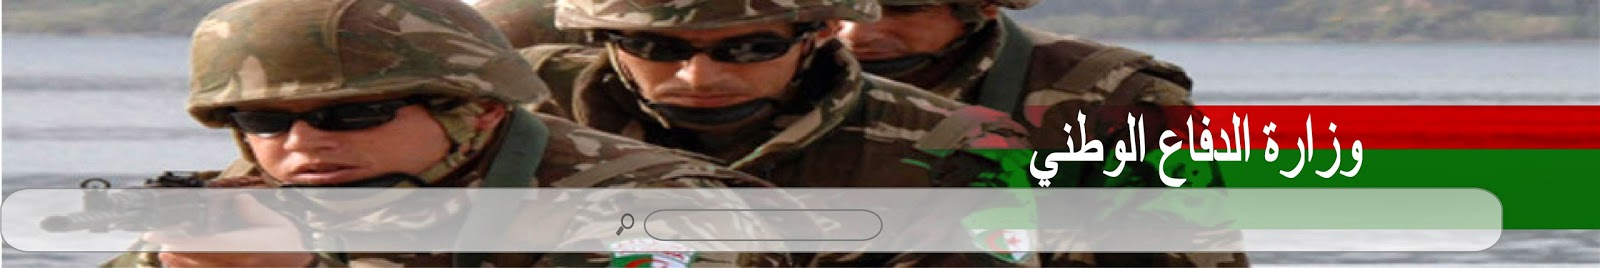 اعلان توظيف مستخدمين شبيهين بالناحية العسكرية الثانية